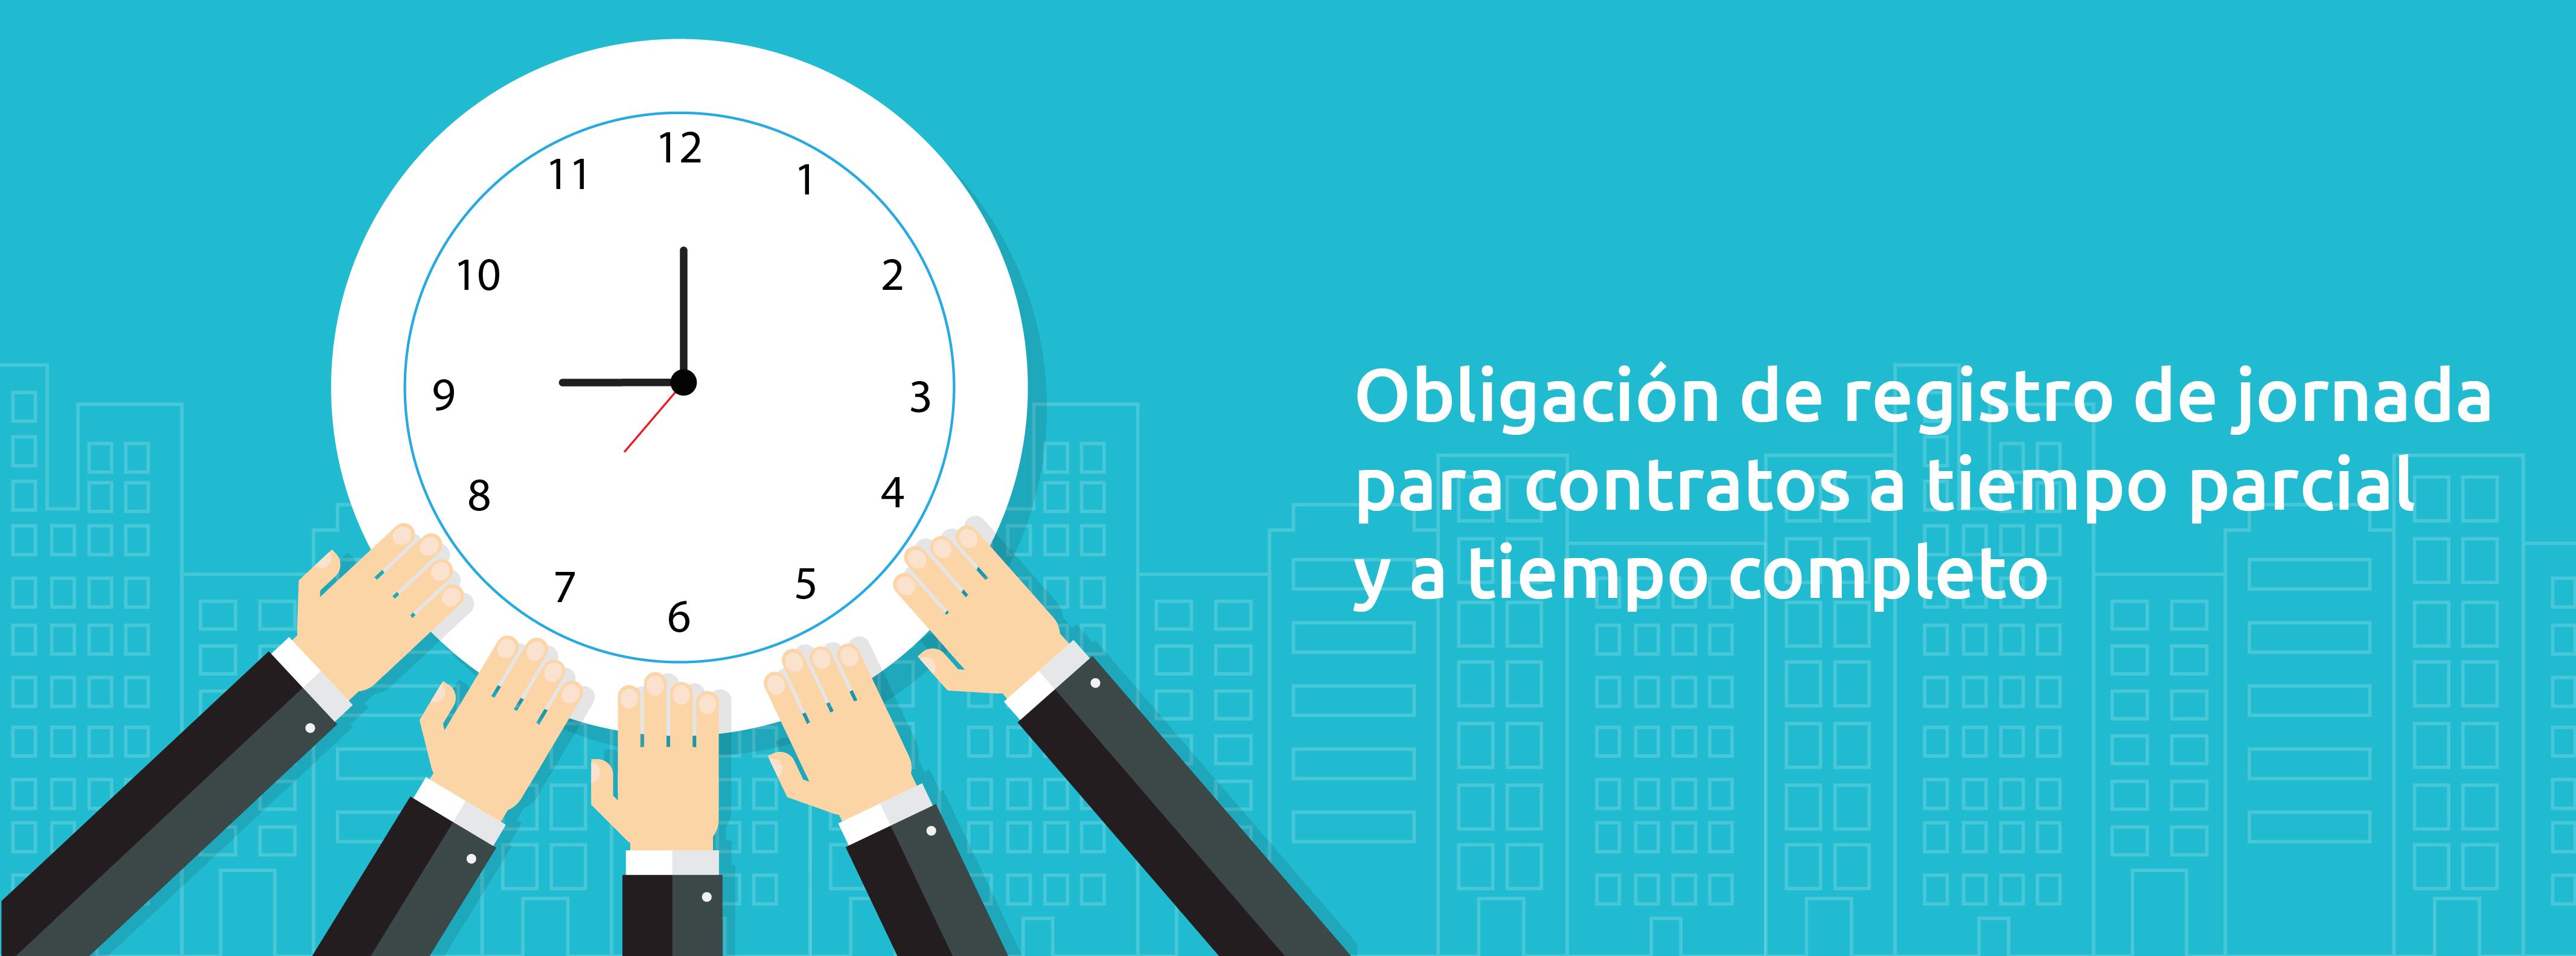 obligacion-de-registro-de-jornada-para-contratos-a-tiempo-parcial-y-a-tiempo-completo